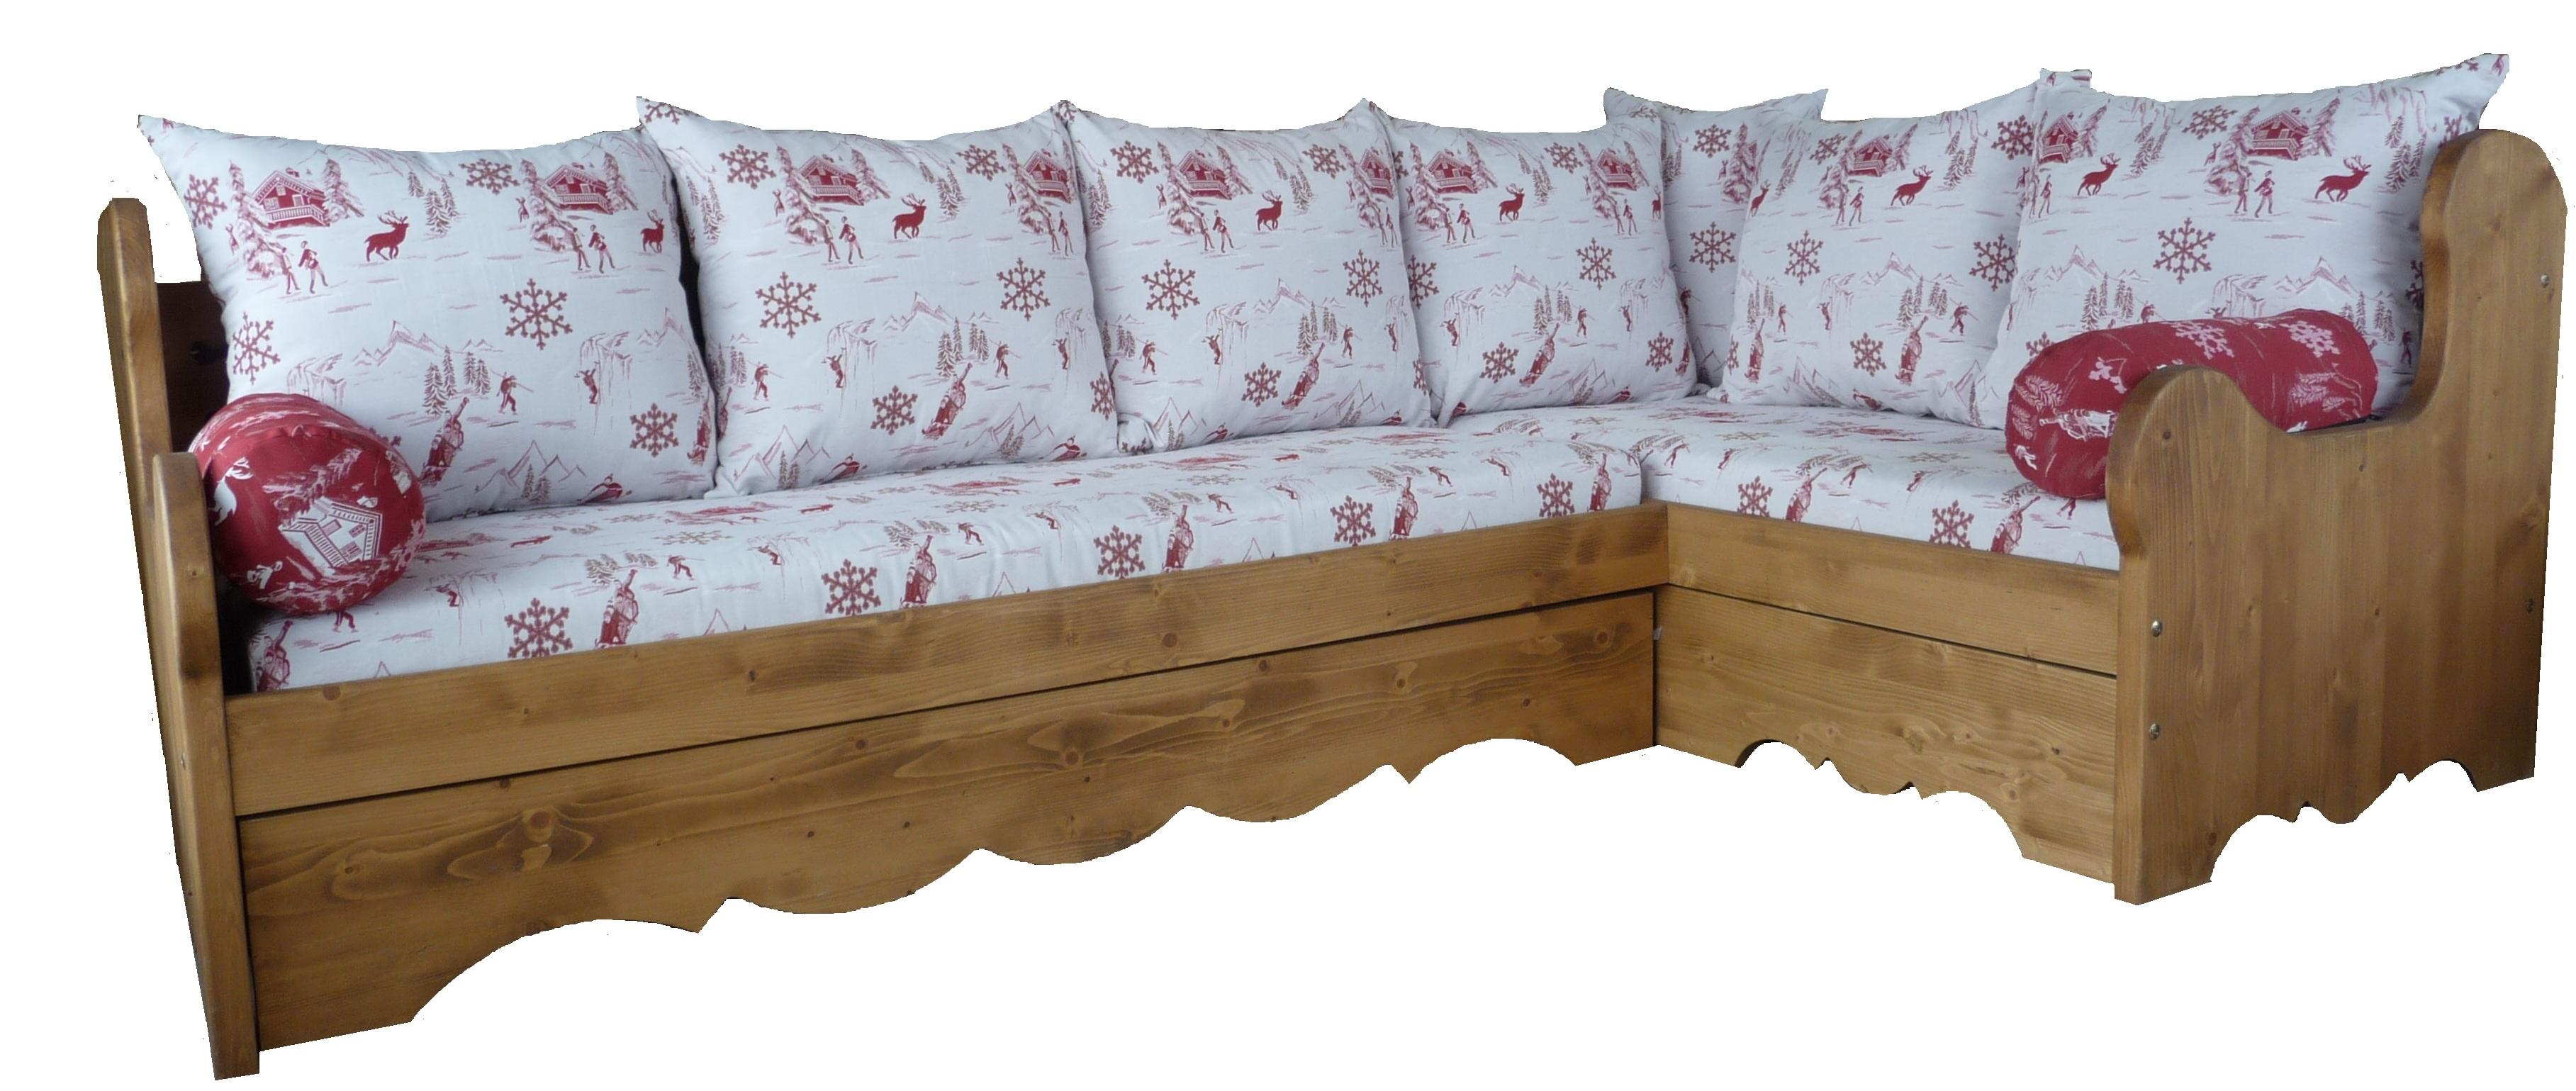 meubles les autanes deco montagne fabrique banquette. Black Bedroom Furniture Sets. Home Design Ideas